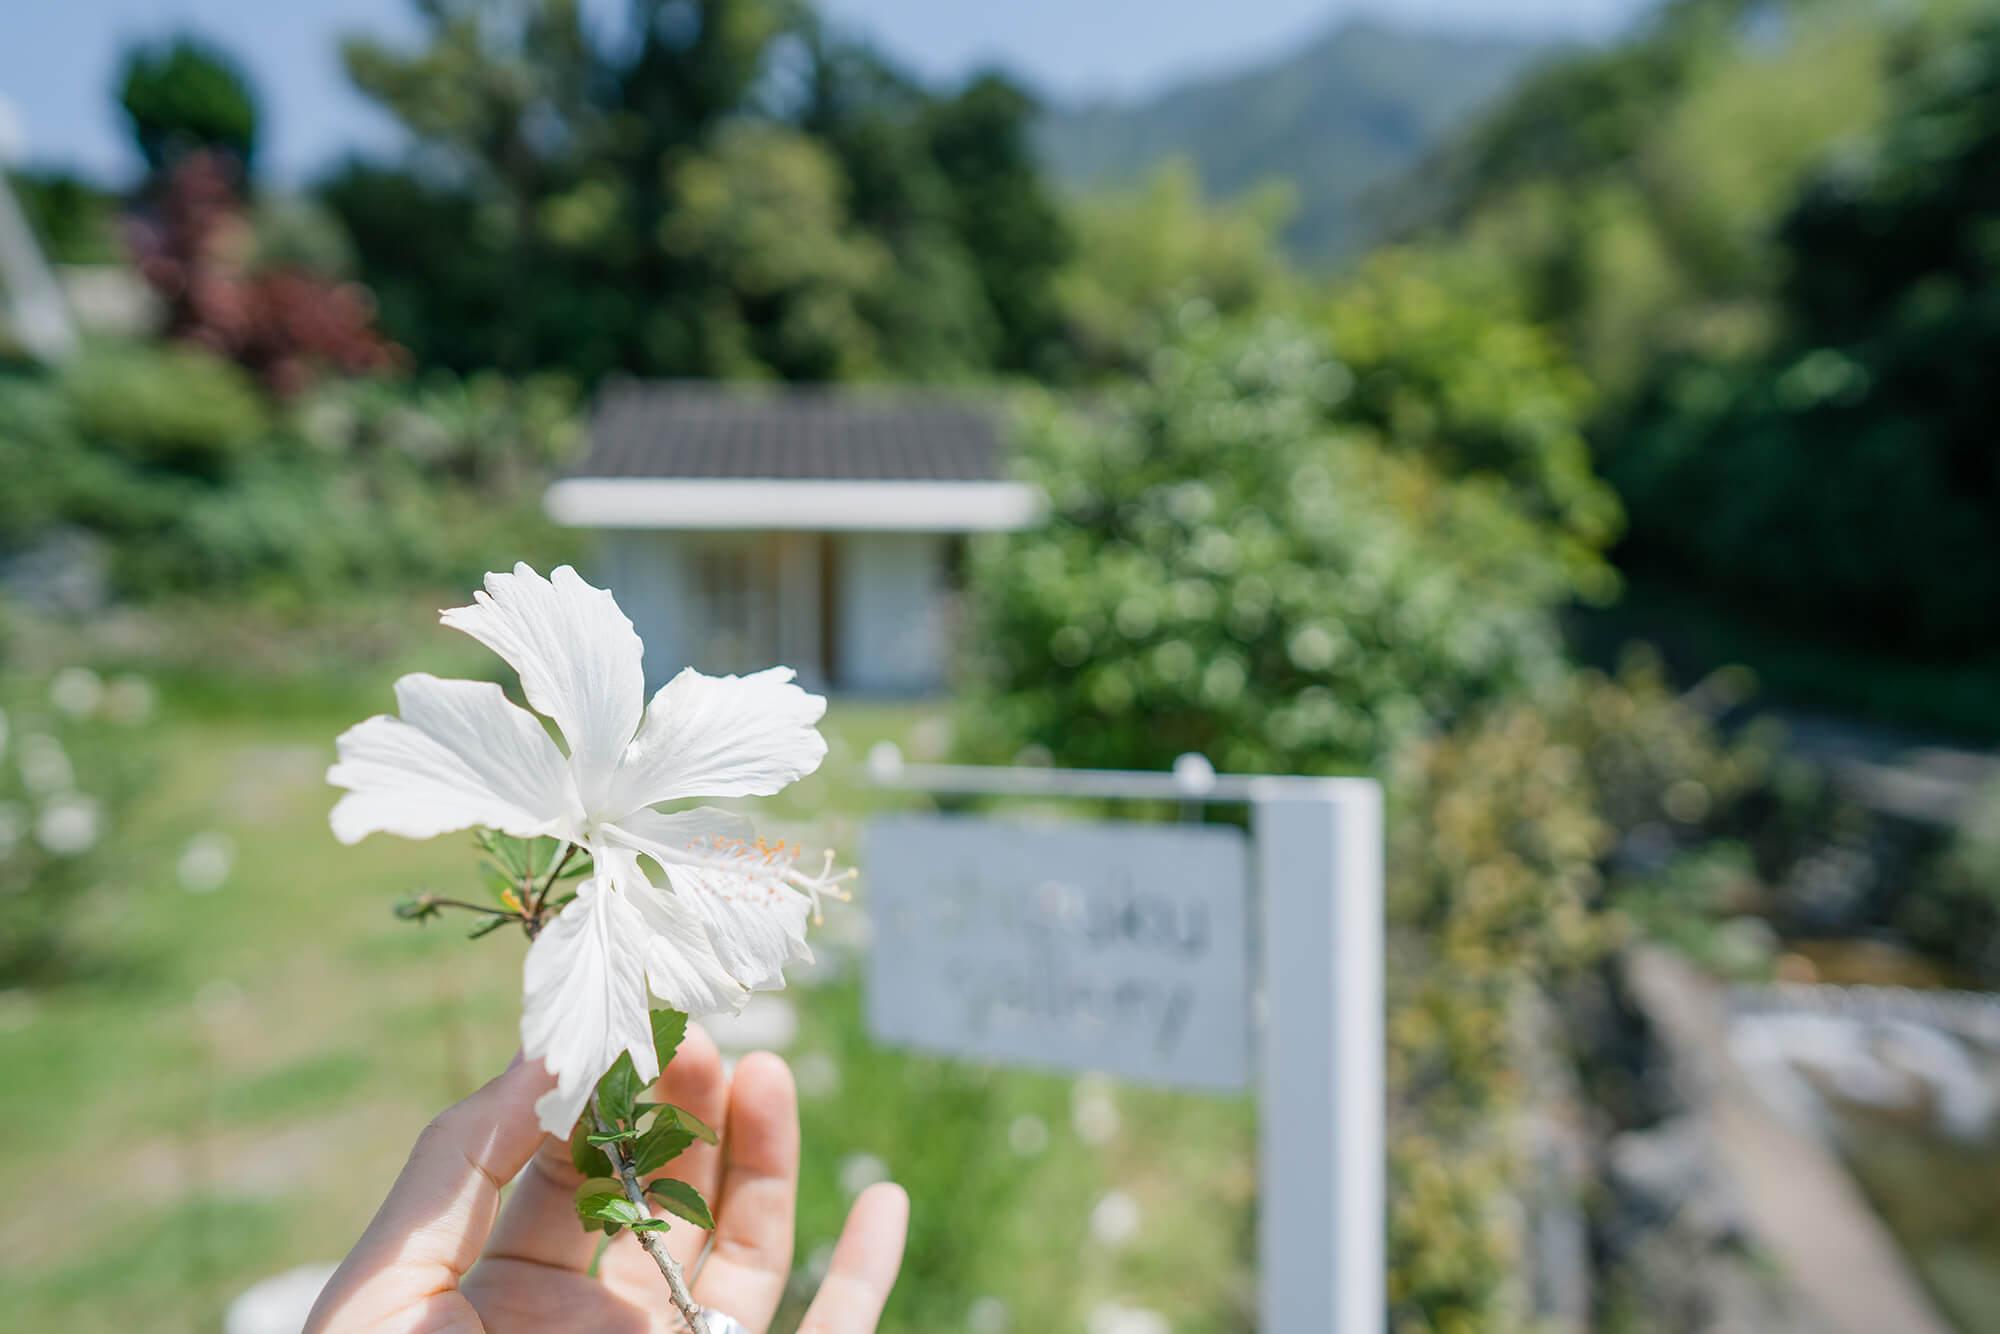 屋久島hしずくギャラリー外観 屋久島でオーダーメイドジュエリーの販売 屋久島でつくる結婚指輪